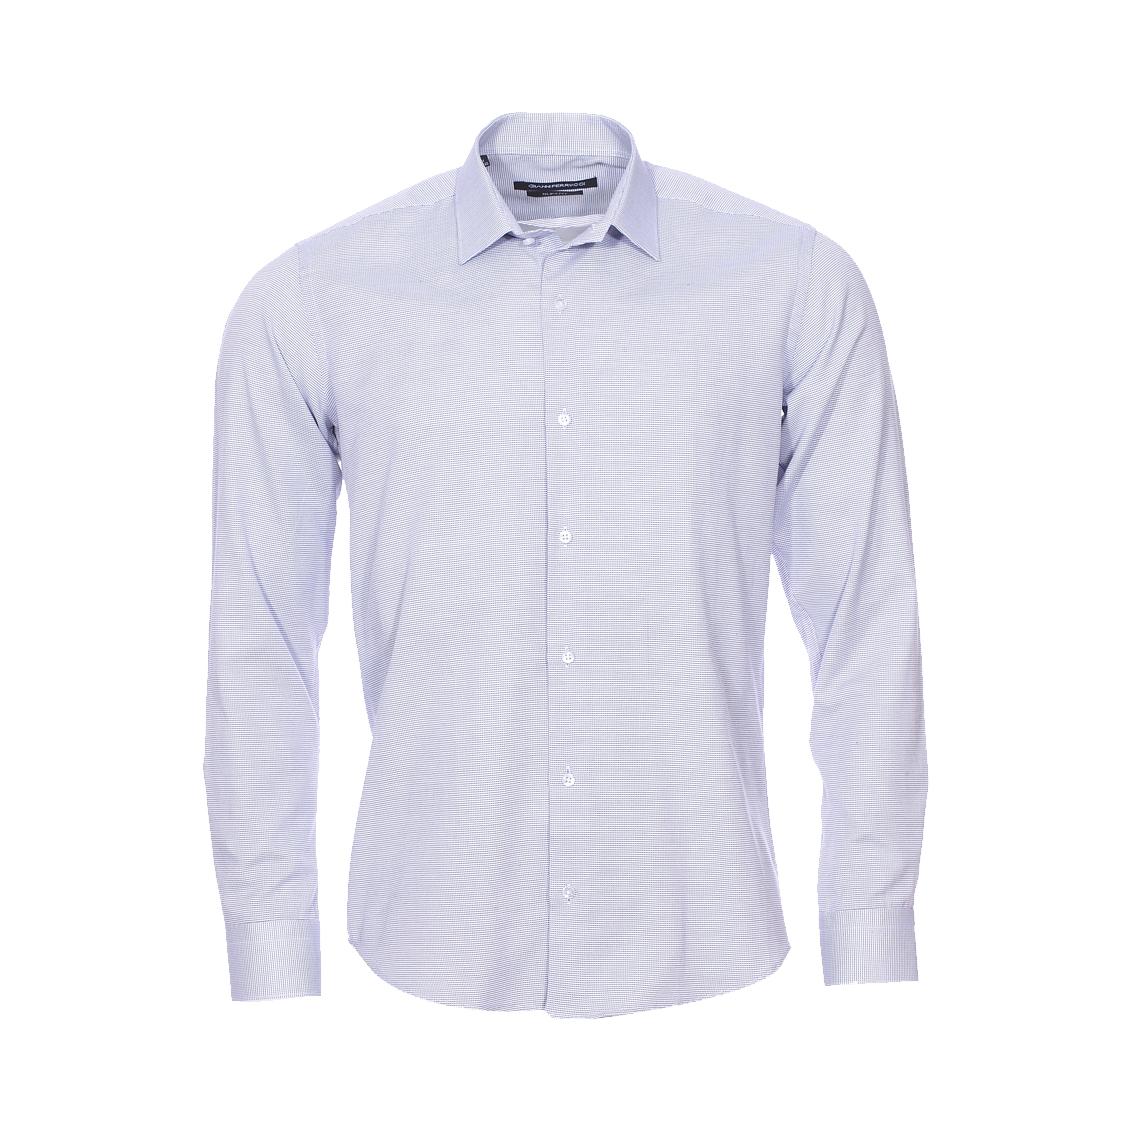 Chemise cintrée  fil à fil blanc et bleu marine